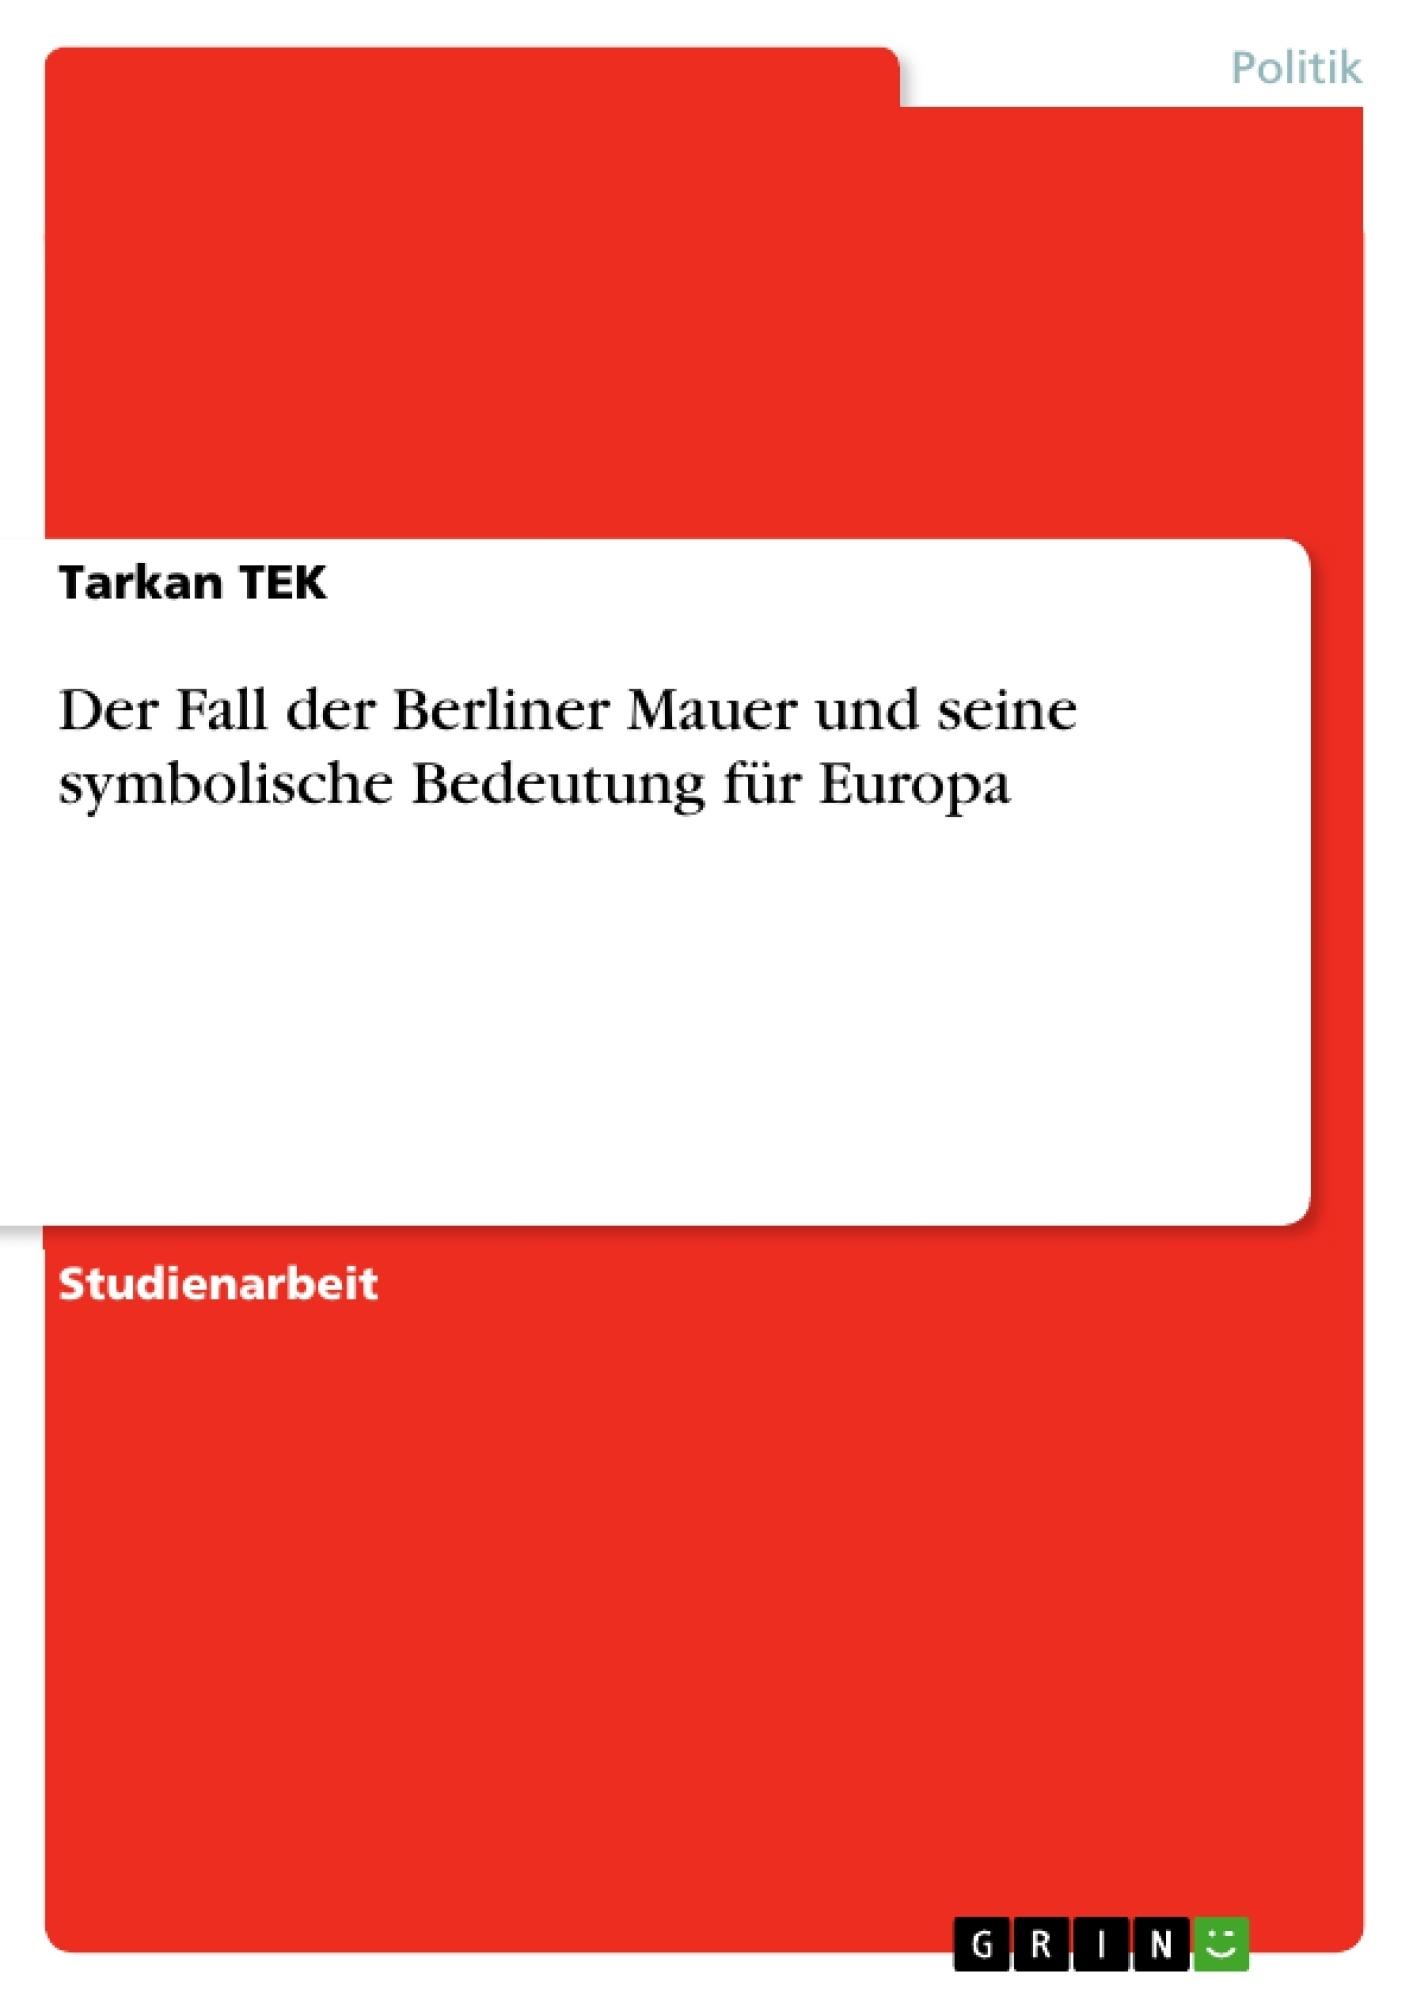 Titel: Der Fall der Berliner Mauer und seine symbolische Bedeutung für Europa